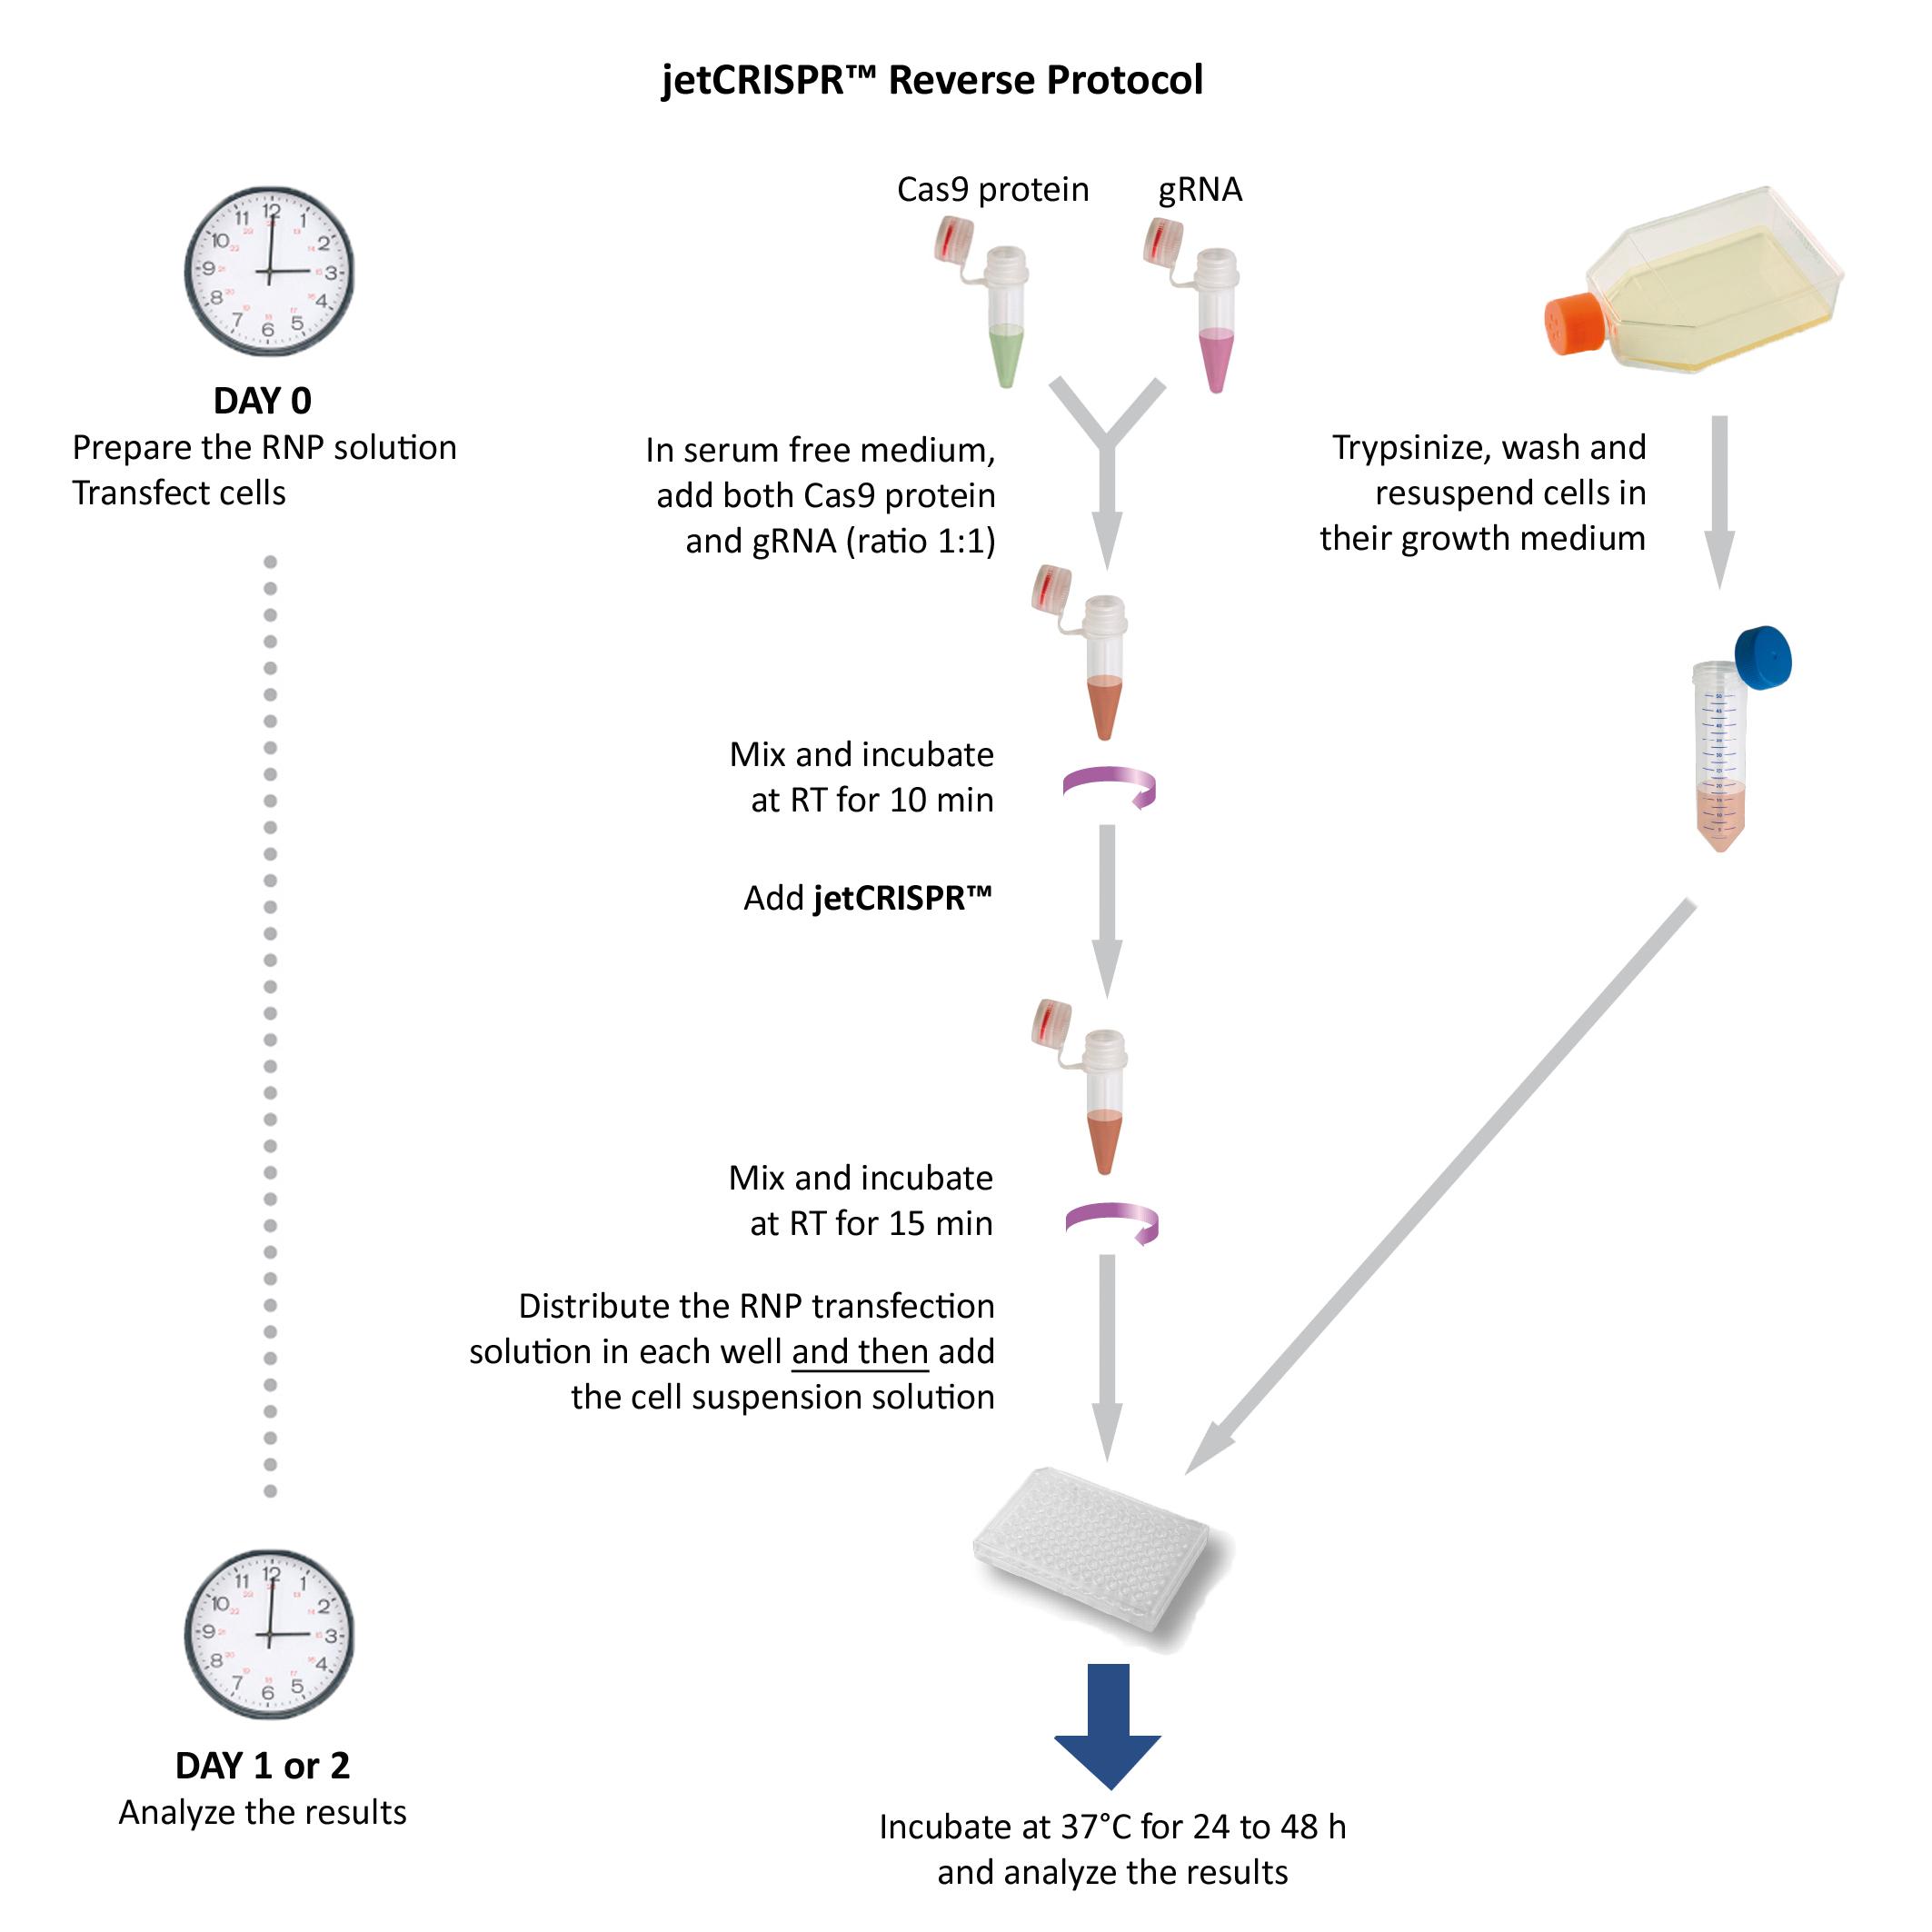 jejetCRISPR protocol - Reverse